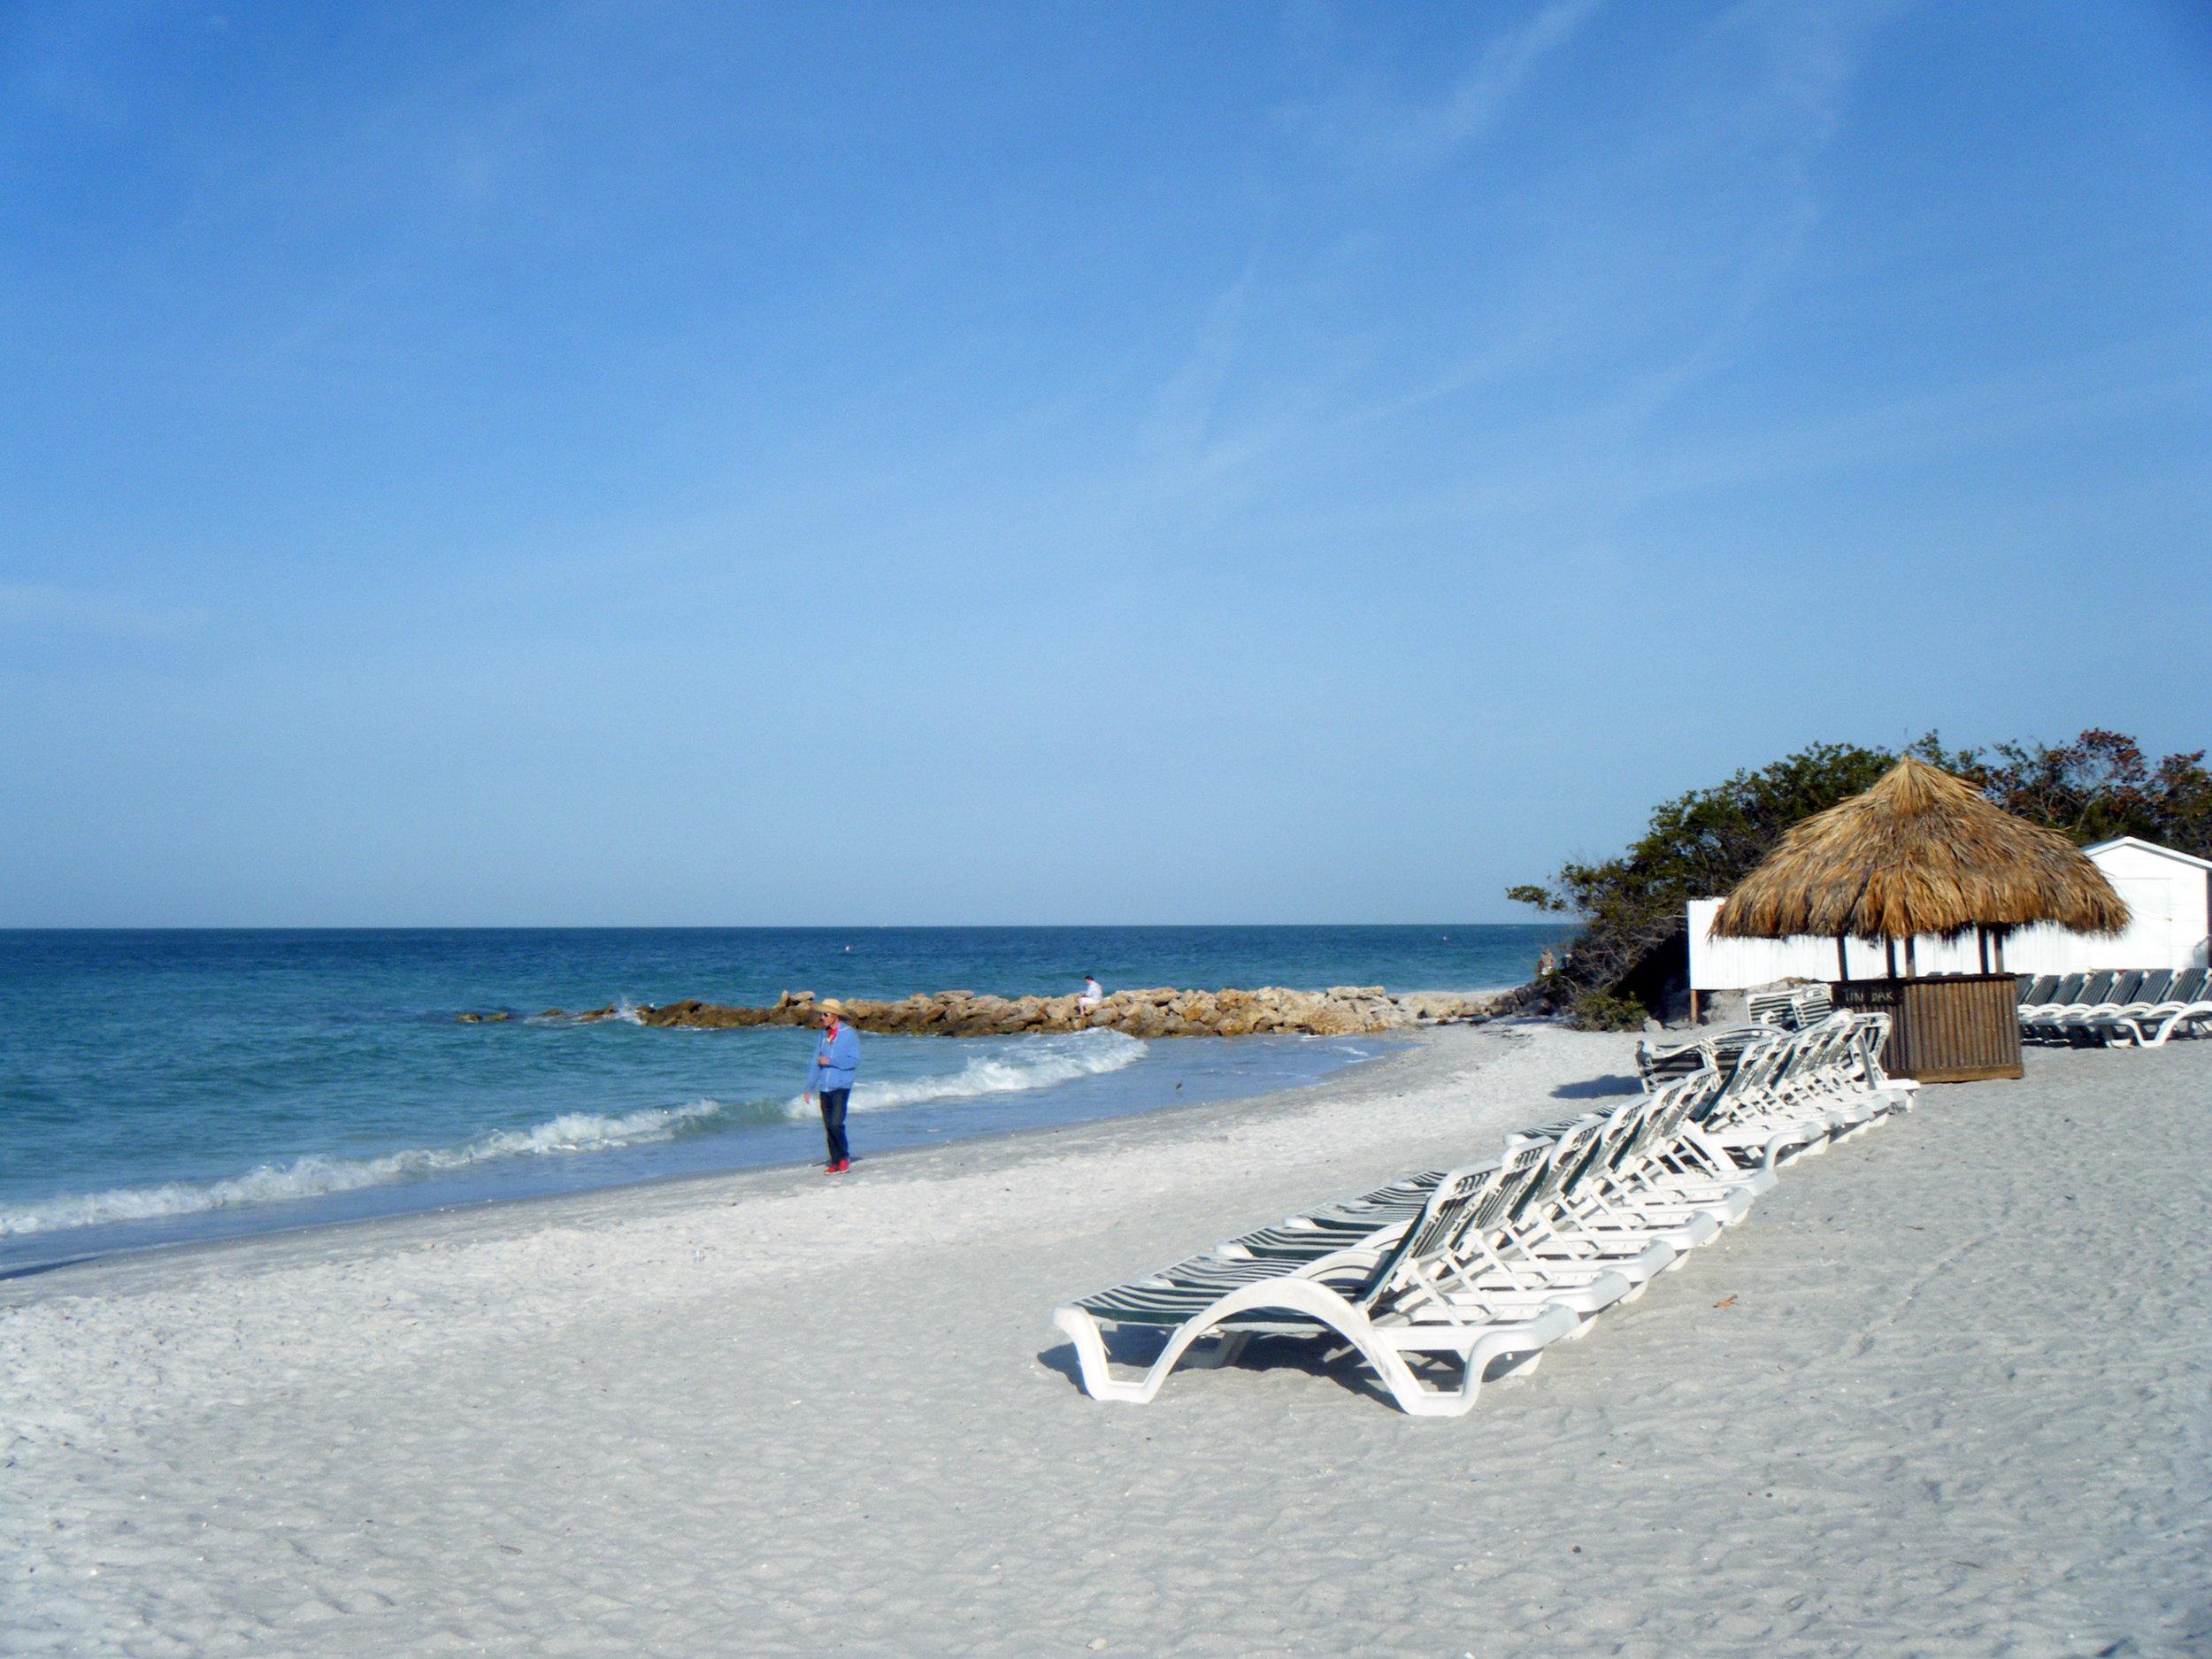 Sarasota Florida.jpg